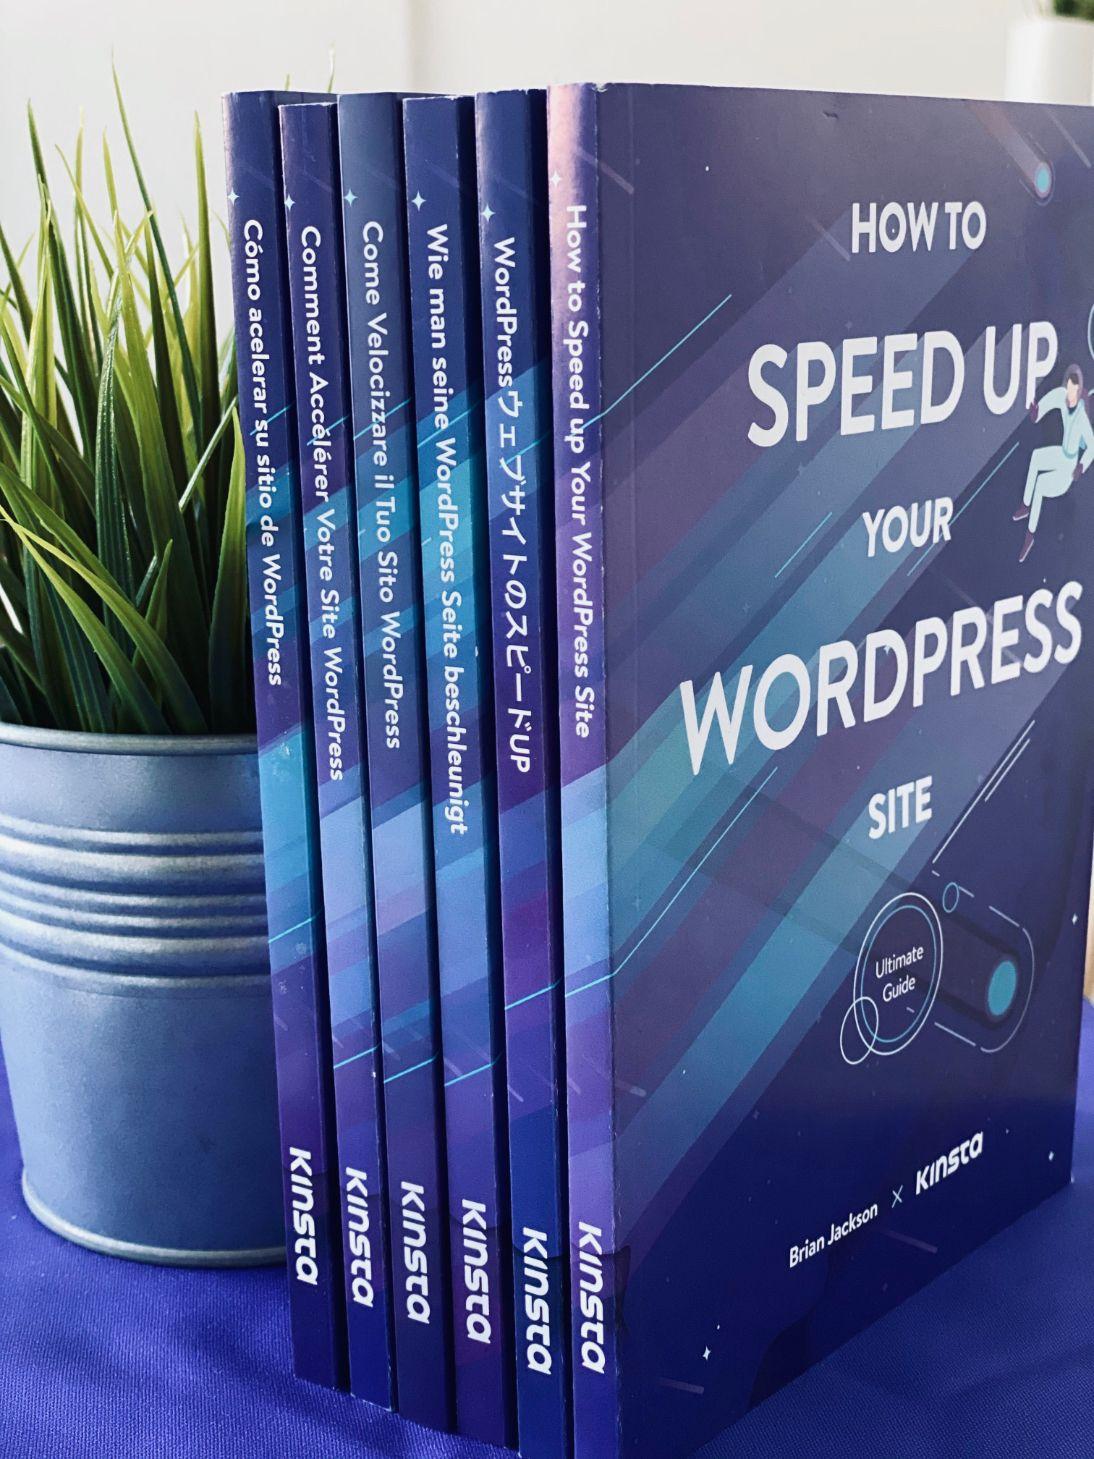 Kinstaによる 「WordPressウェブサイトのスピードUP」